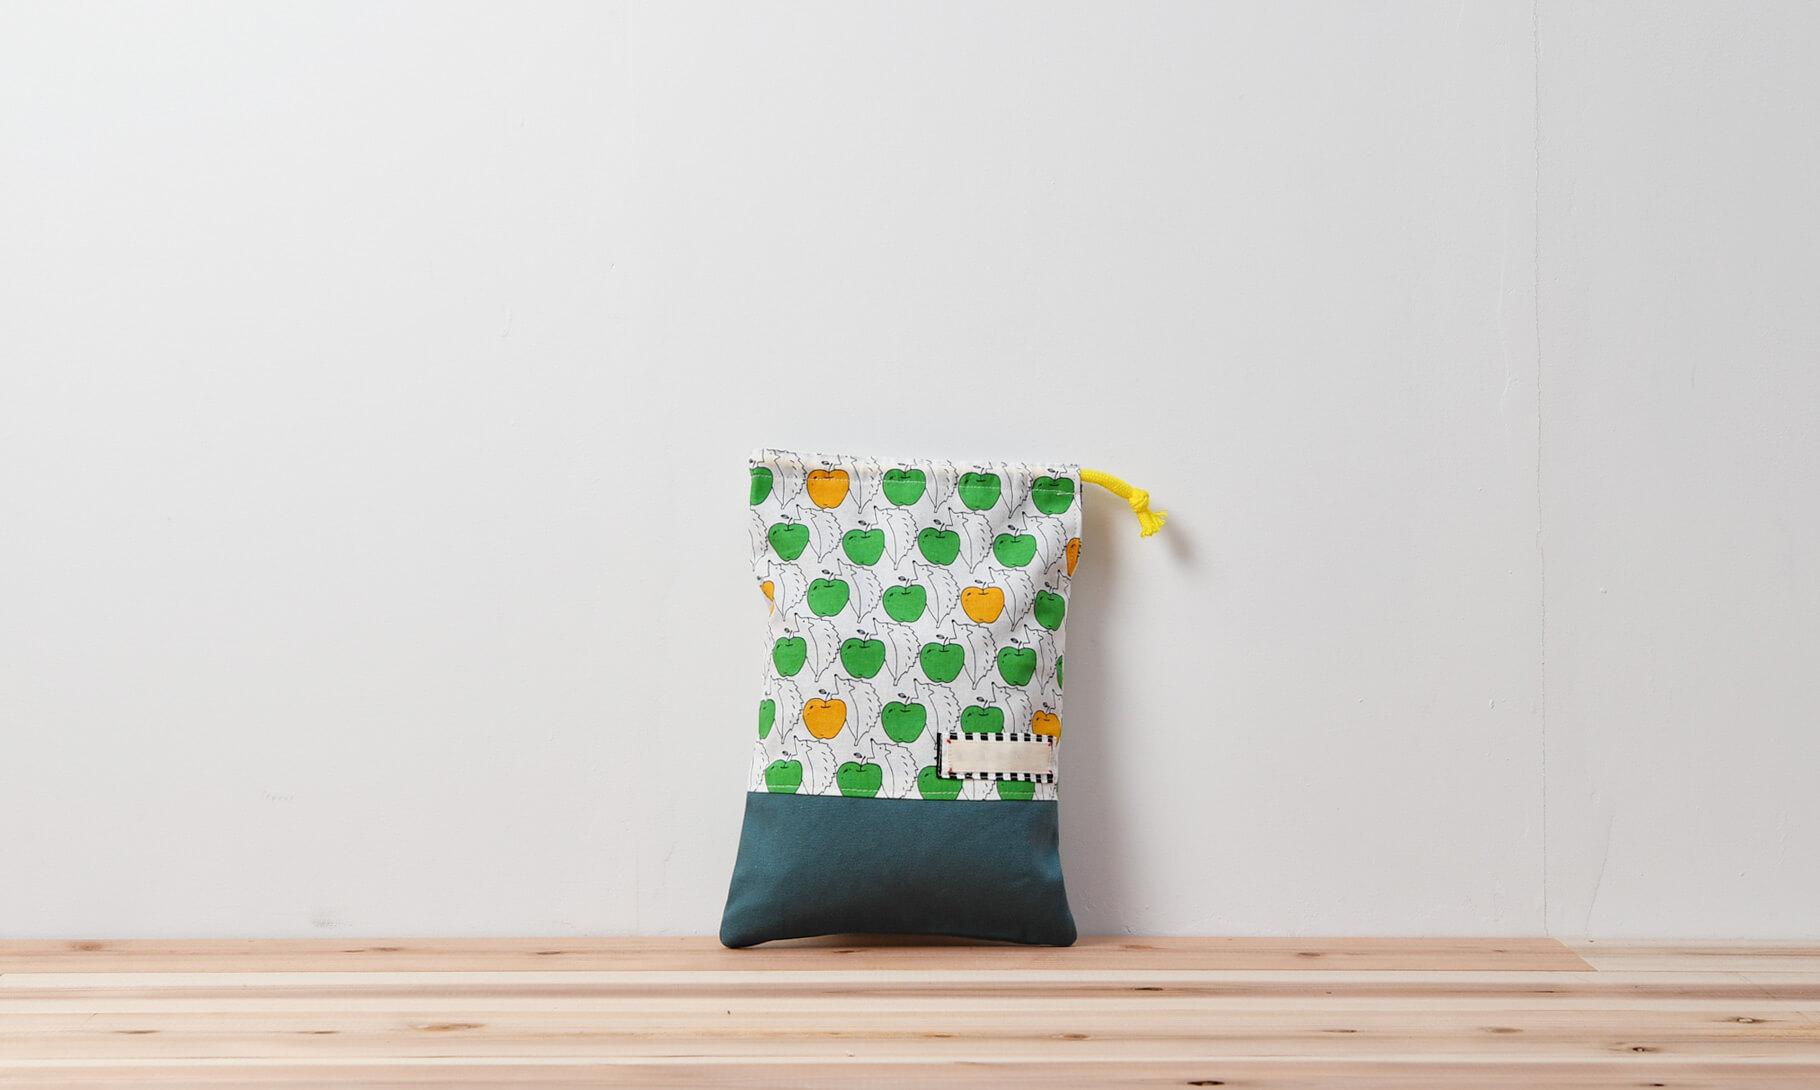 コップ袋(リンゴとハリネズミ、帆布アクアマリン)